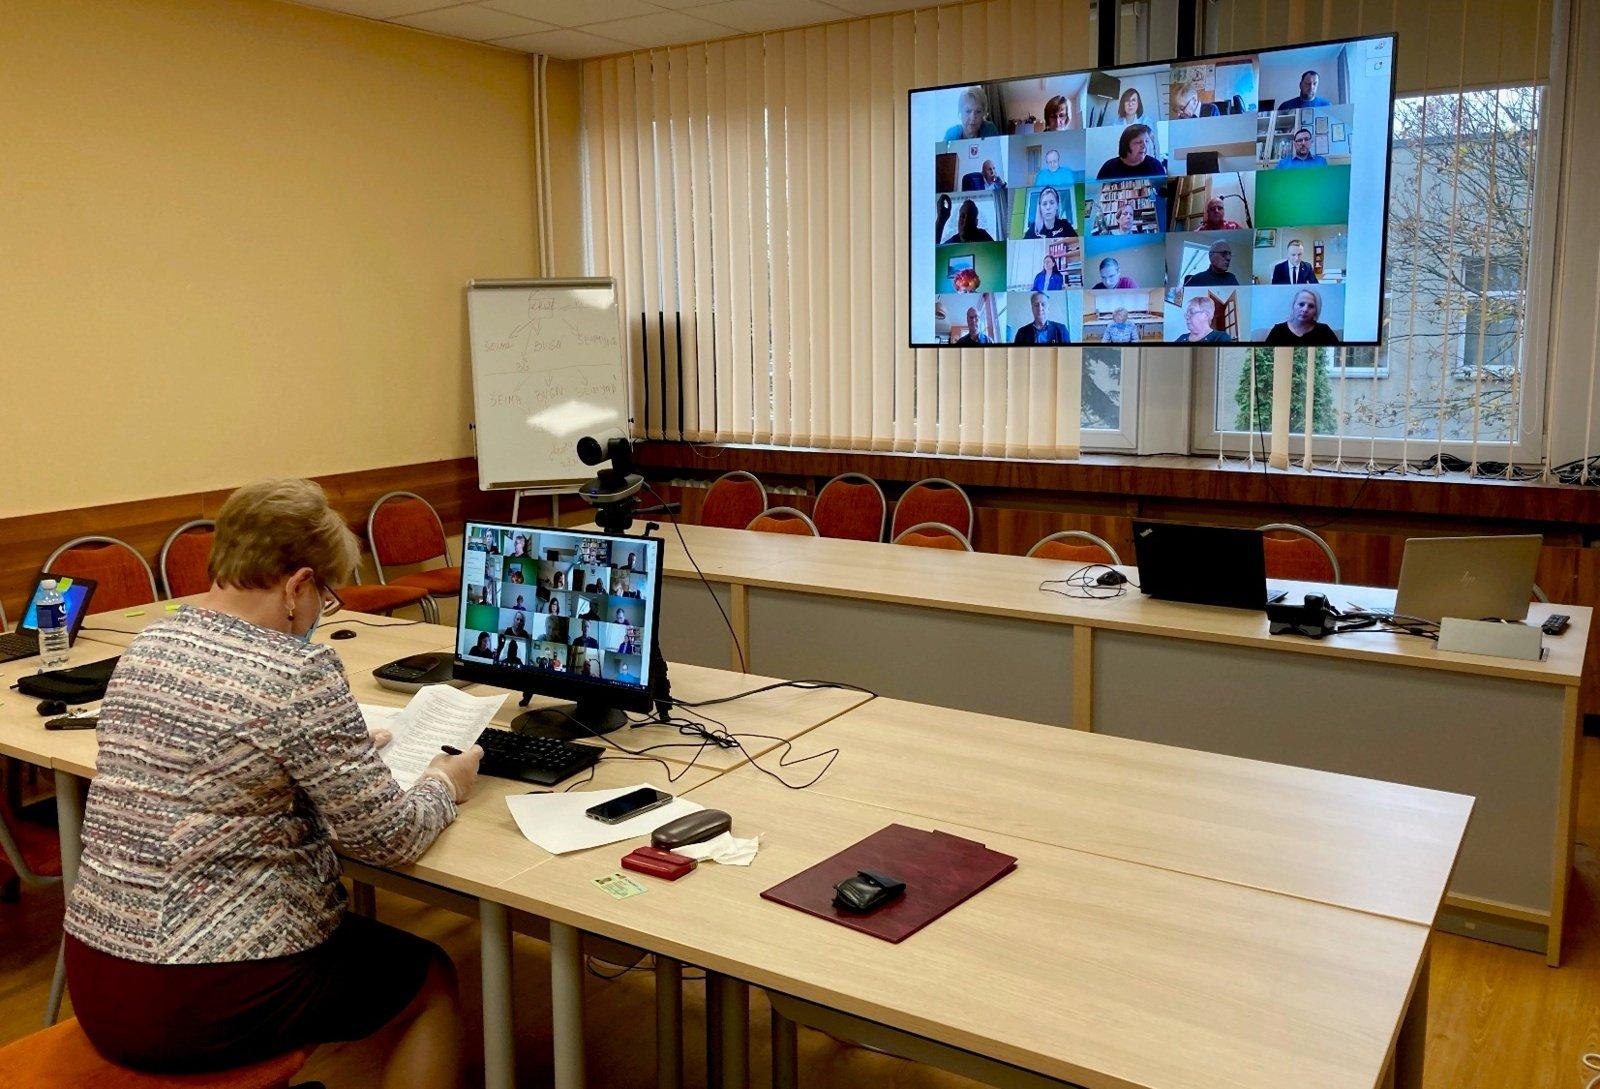 Vilniaus rajono savivaldybės taryba svarbius gyventojams sprendimus priėmė nuotoliniu būdu